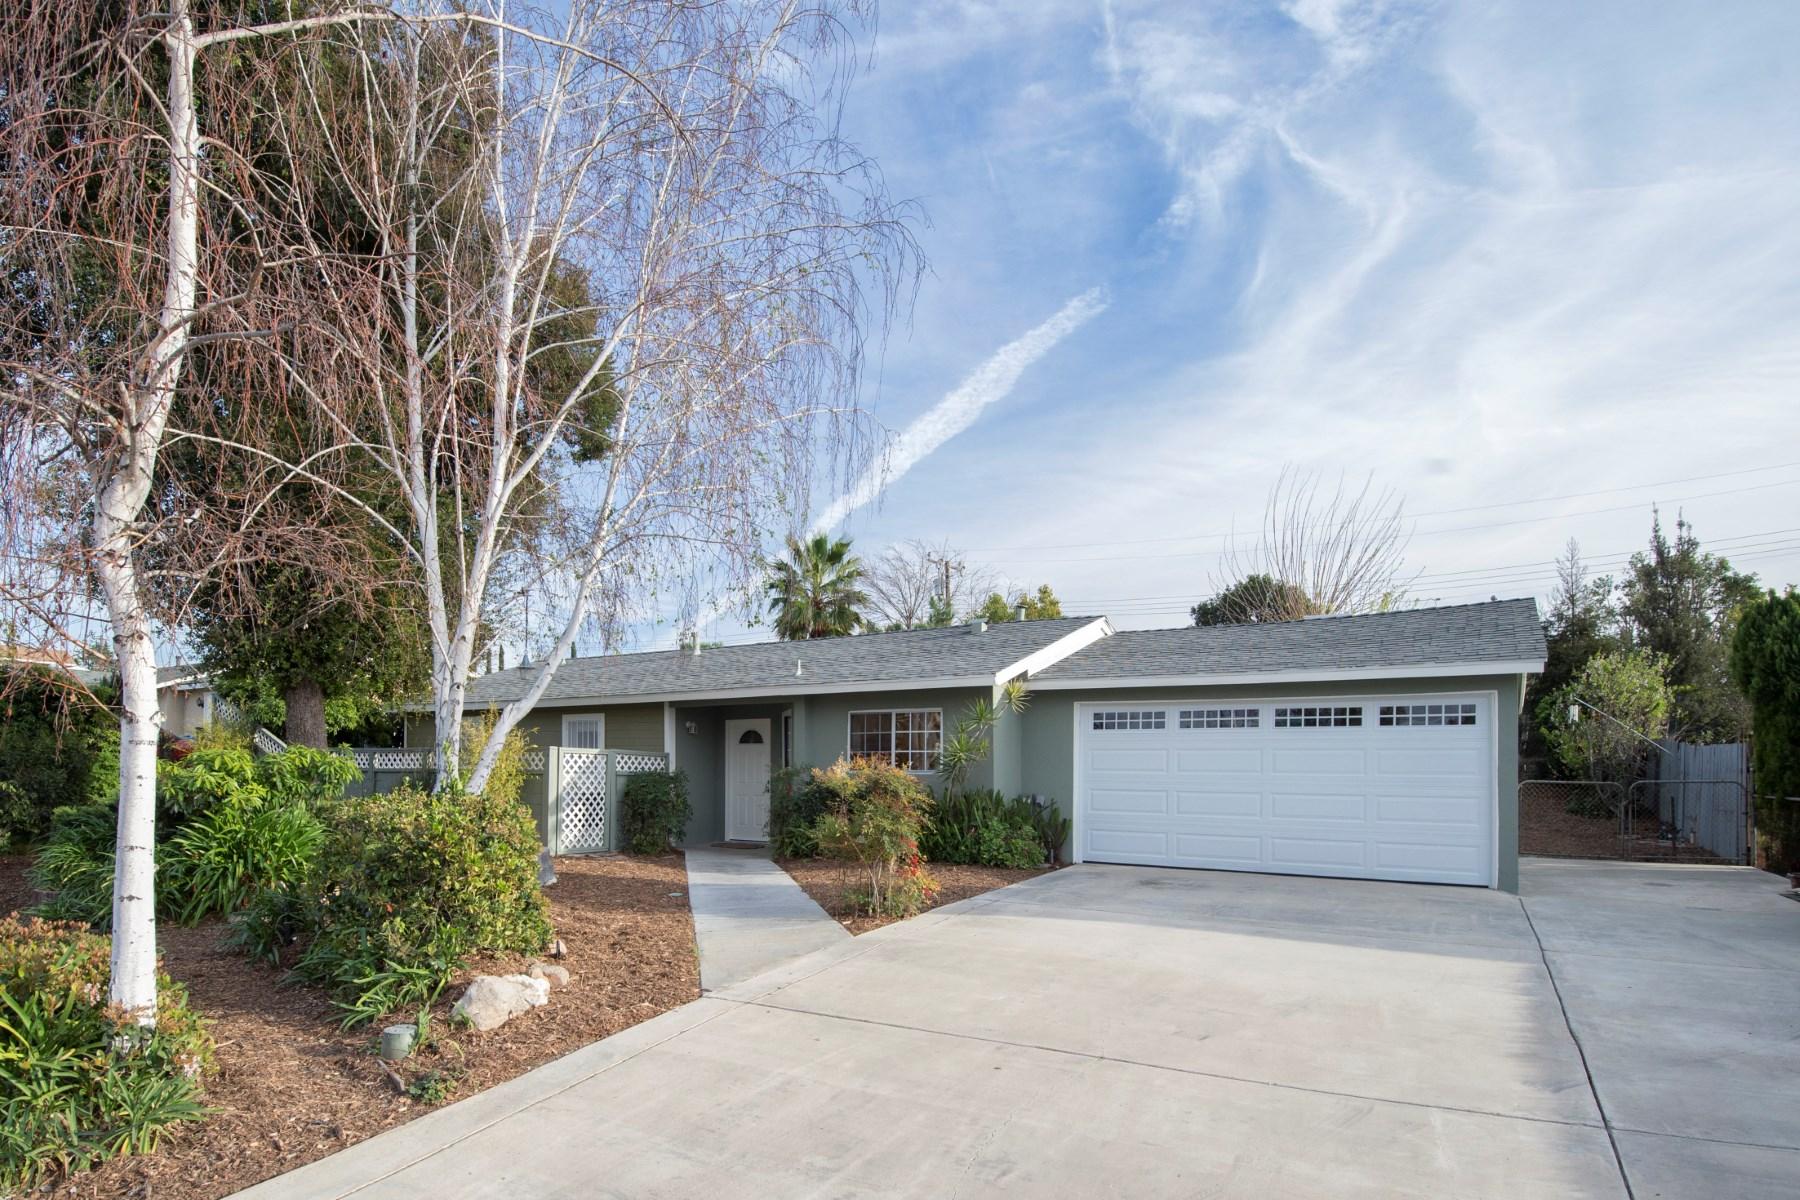 獨棟家庭住宅 為 出售 在 658CalleClavel.com 658 Calle Clavel Thousand Oaks, 加利福尼亞州, 91360 美國